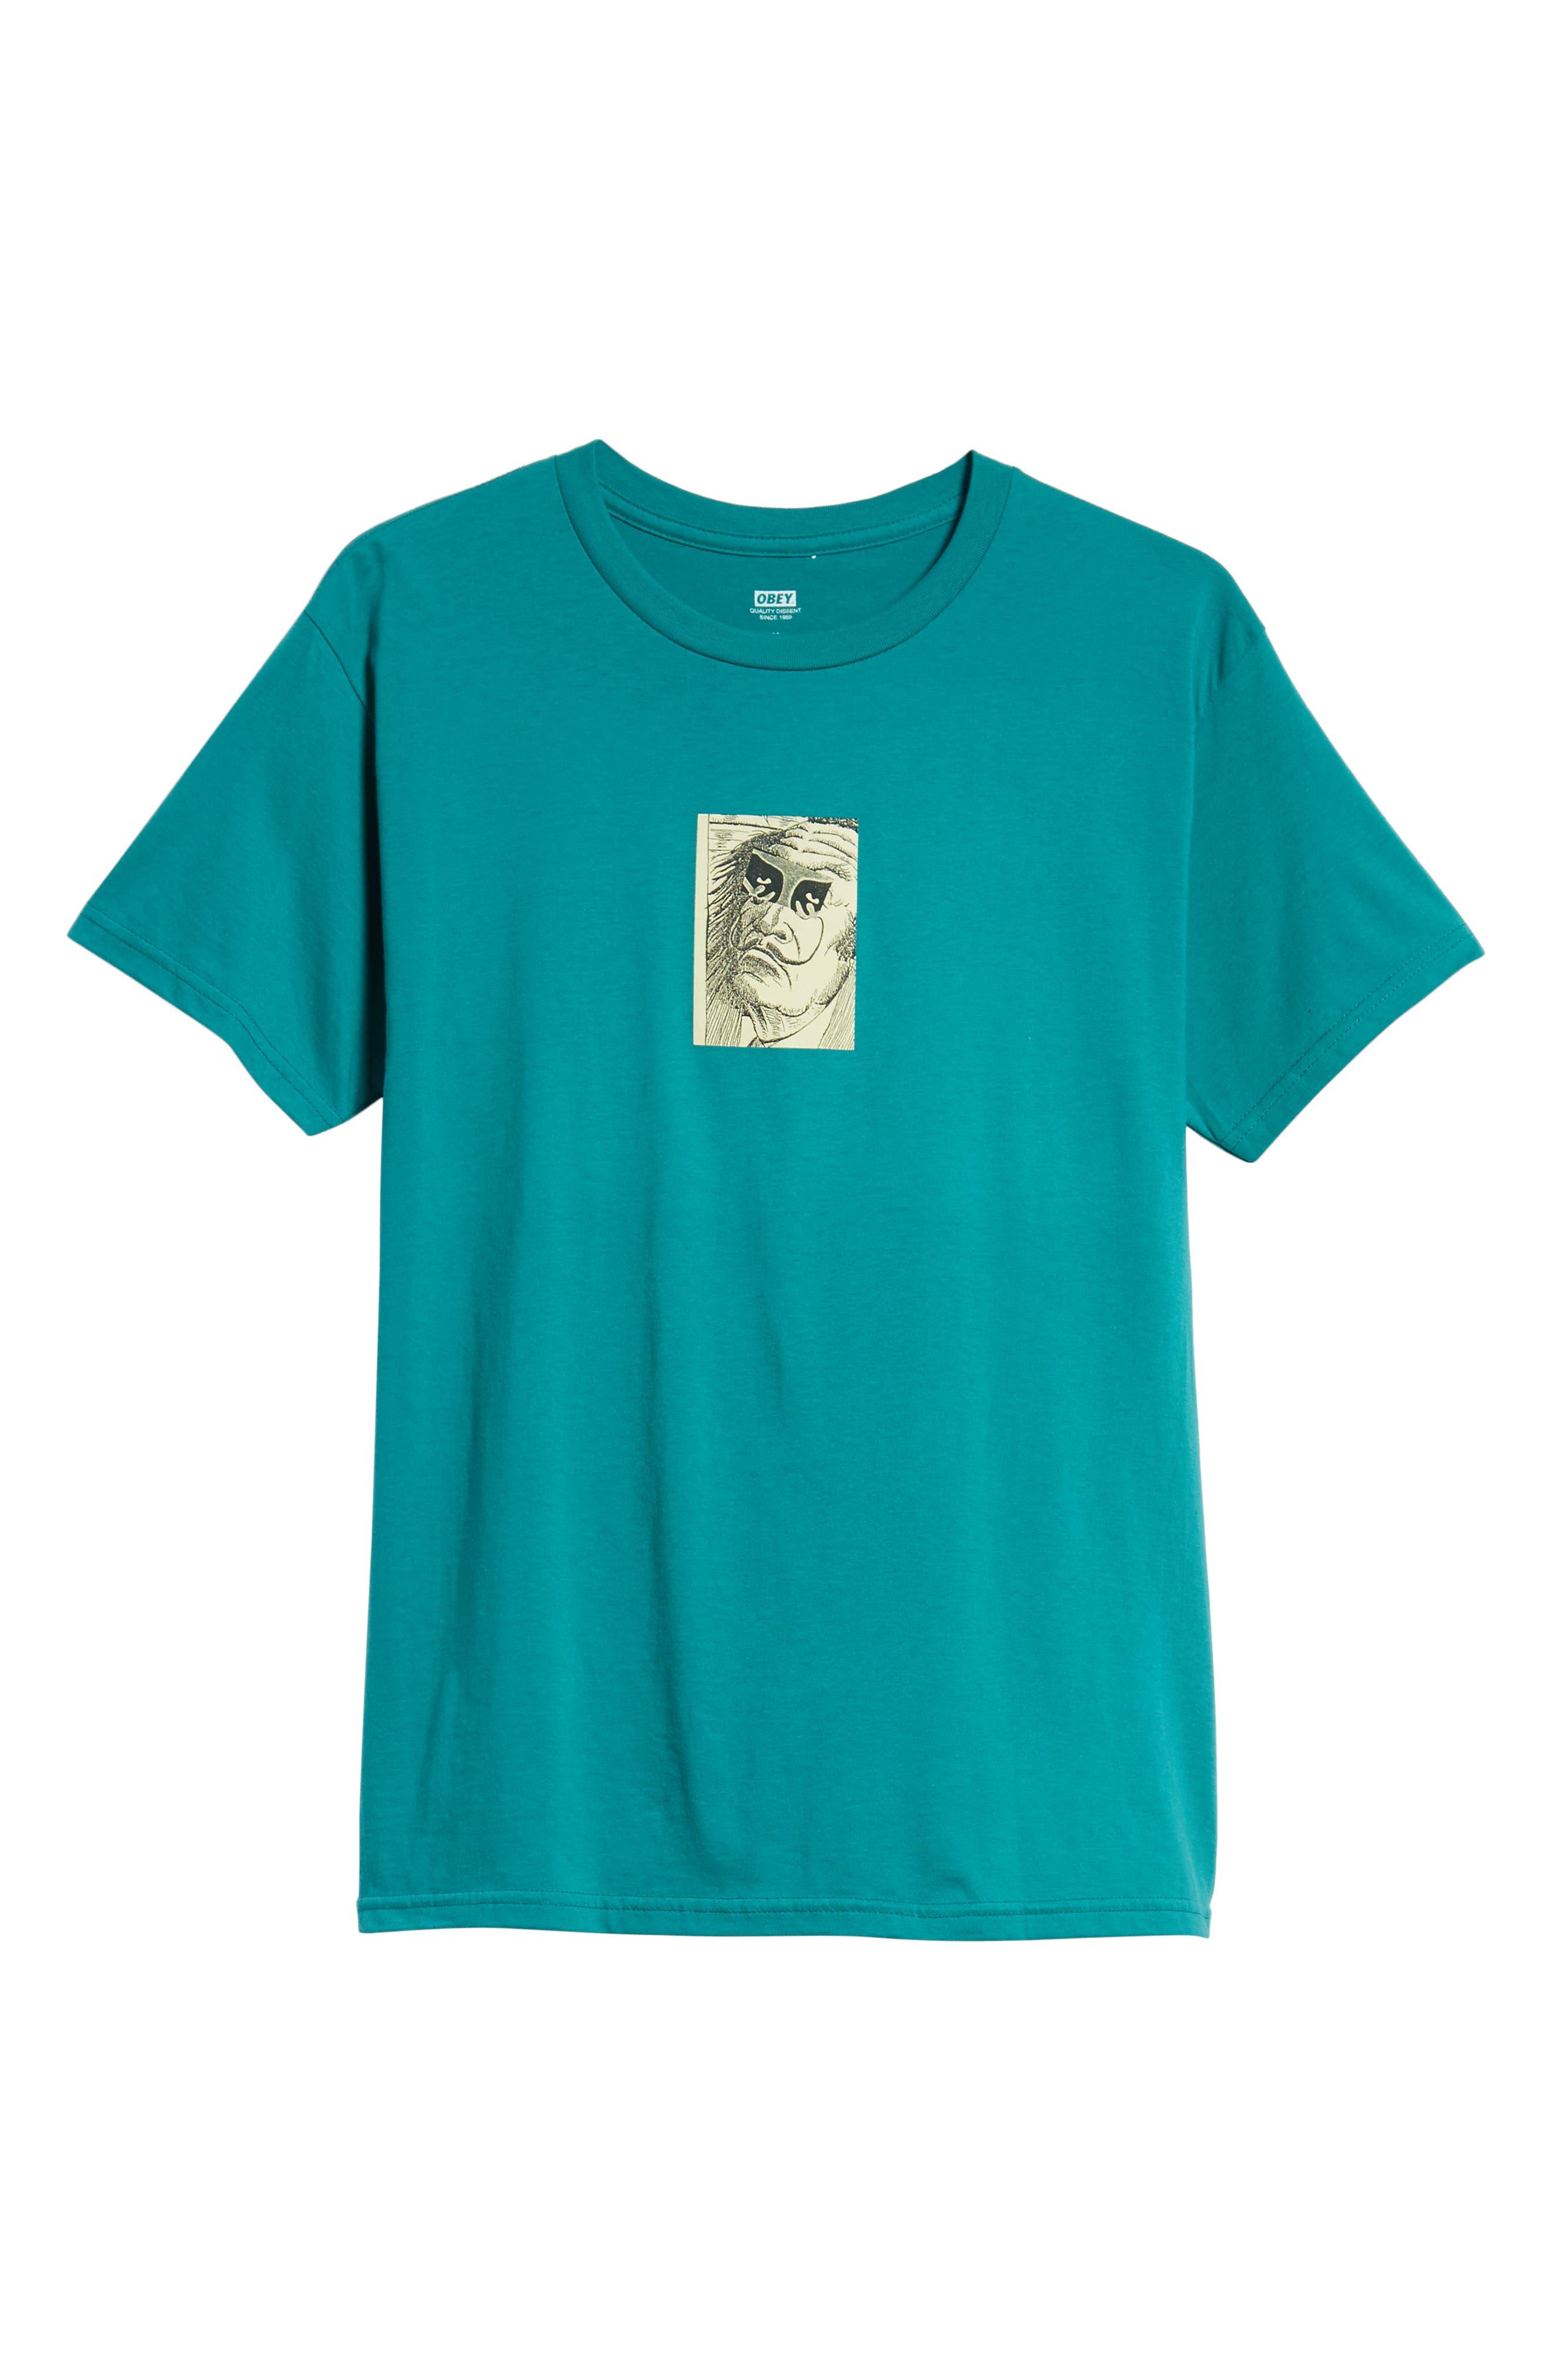 Metamorphosis Premium T-Shirt,                             Alternate thumbnail 6, color,                             TEAL